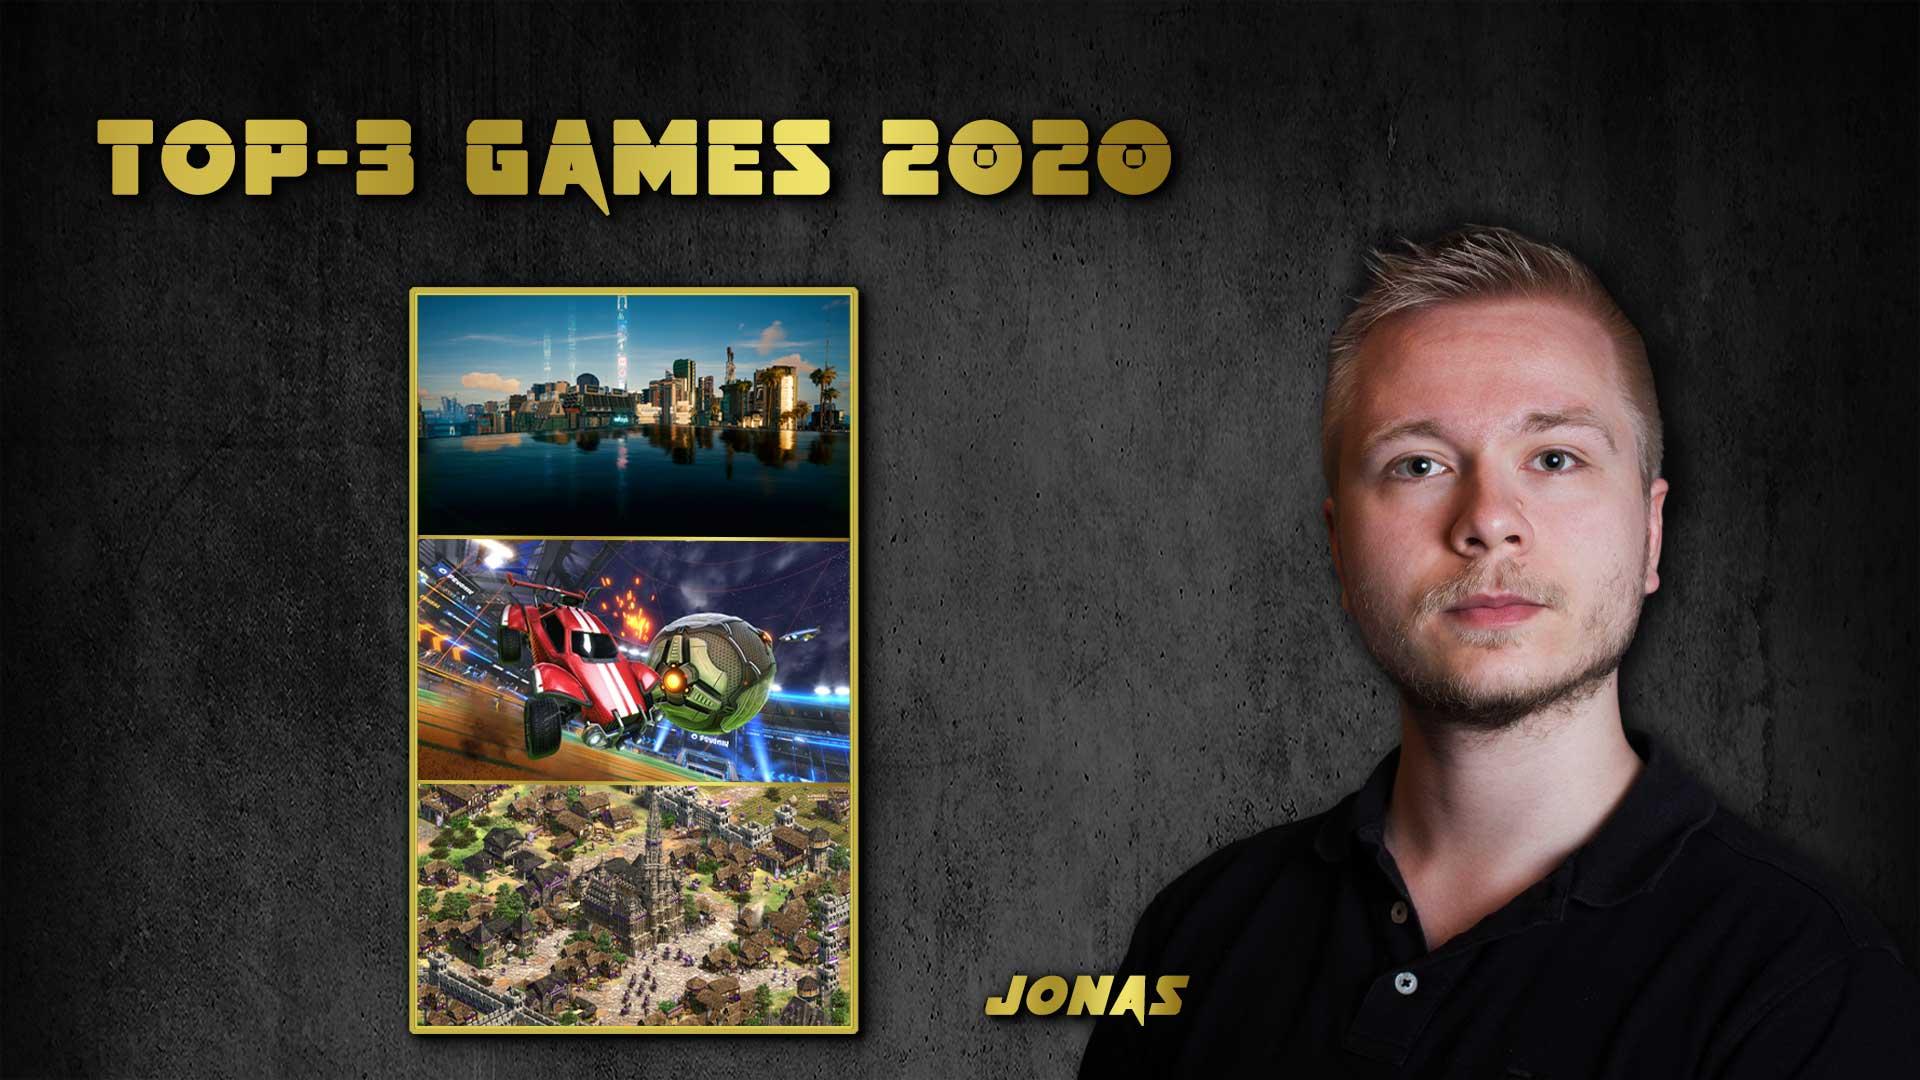 top3games2020jonas